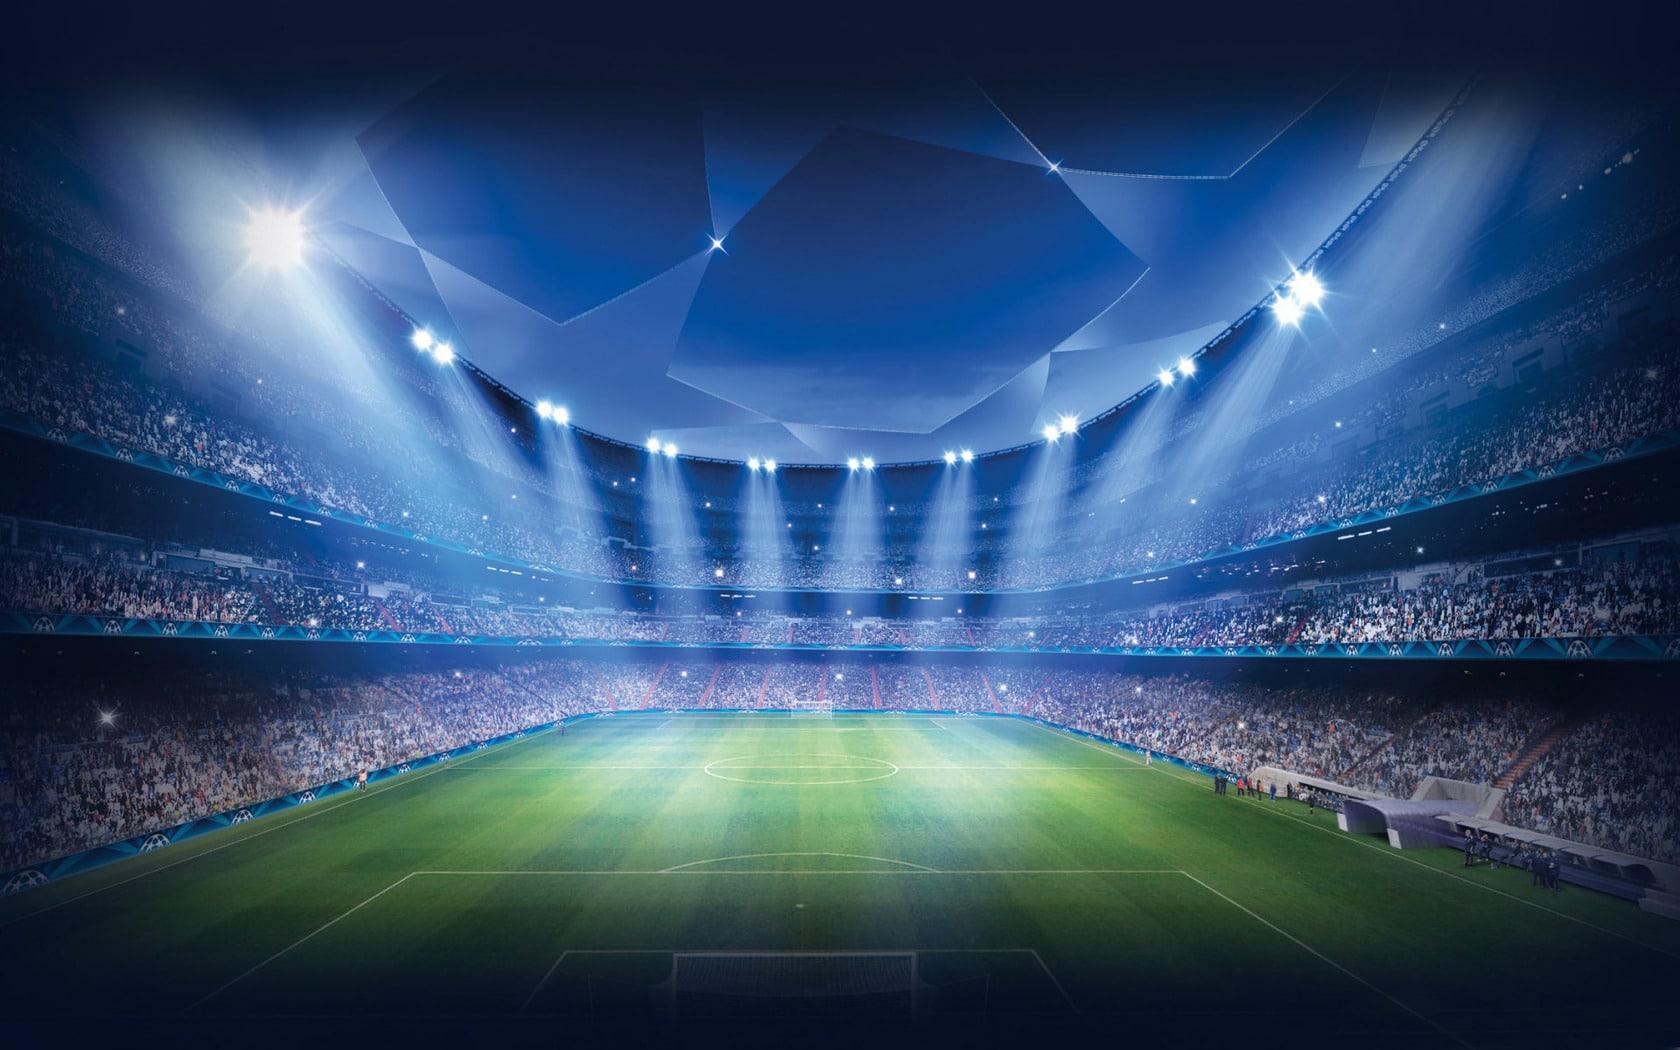 fundamentos tecnicos del futbol aprender